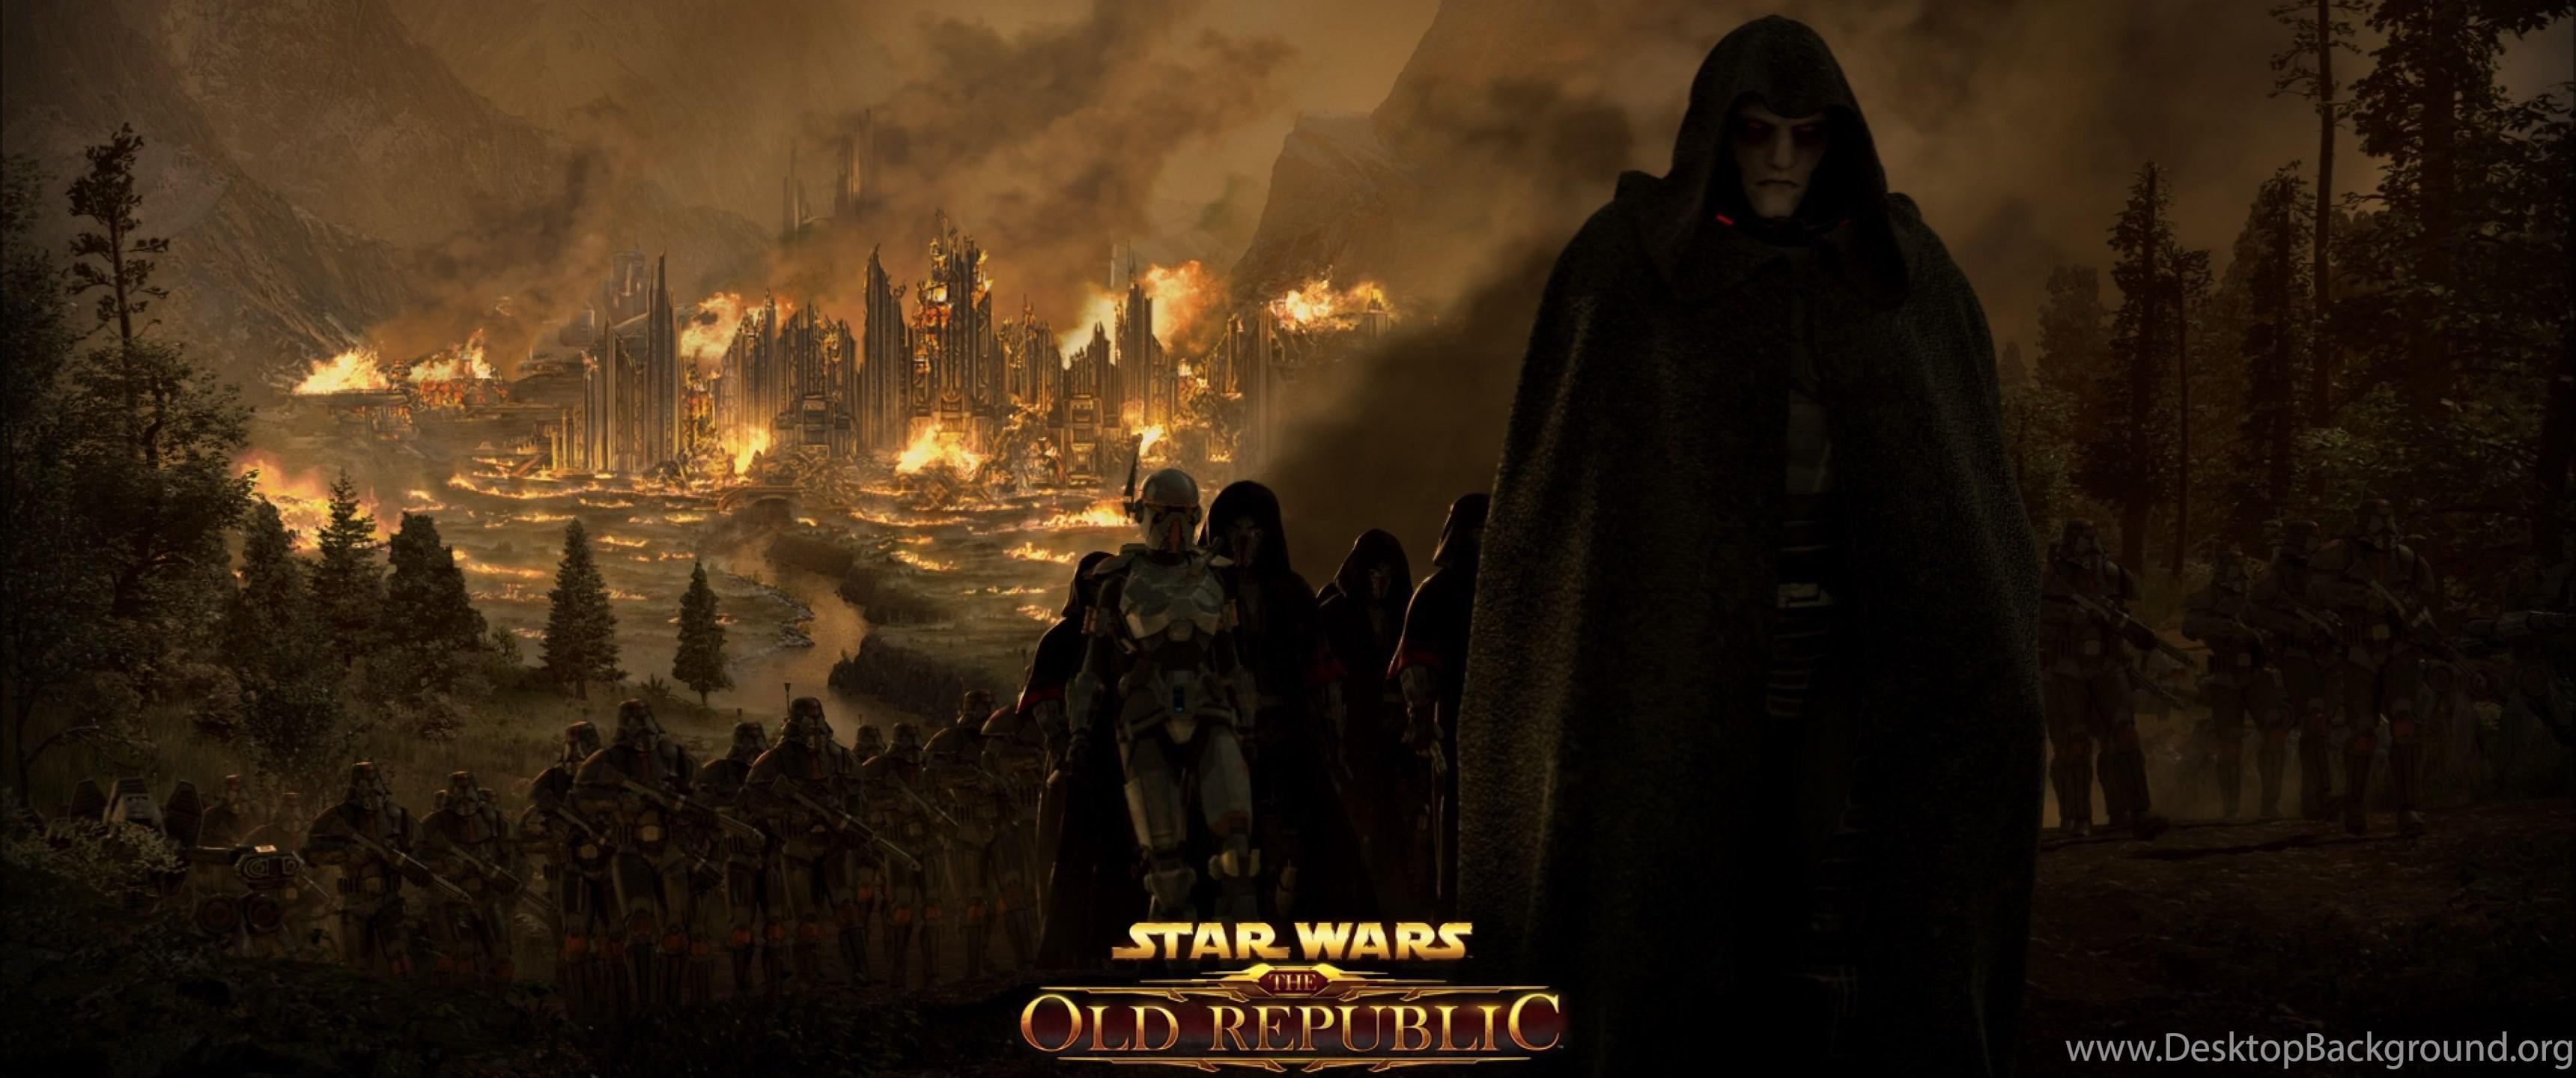 4k Ultra Hd Star Wars The Old Republic Wallpapers Hd Desktop Desktop Background